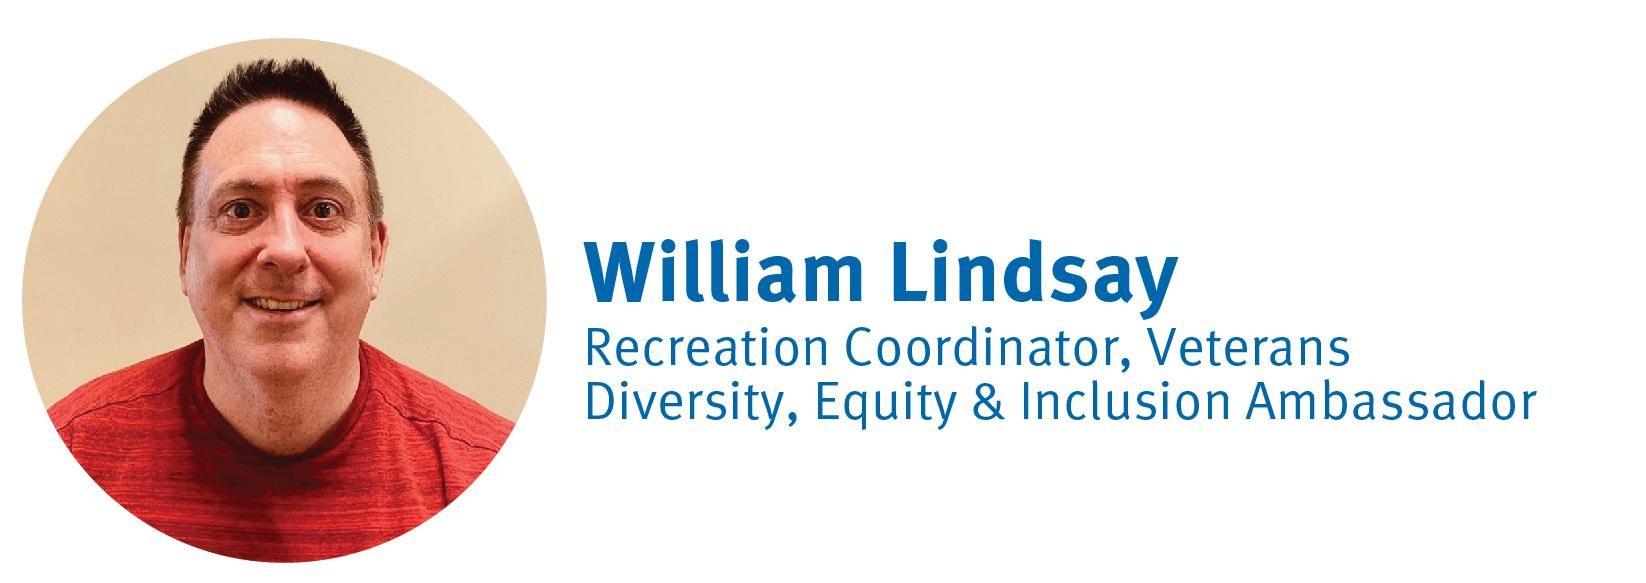 William Lindsay, DE&I Ambassador